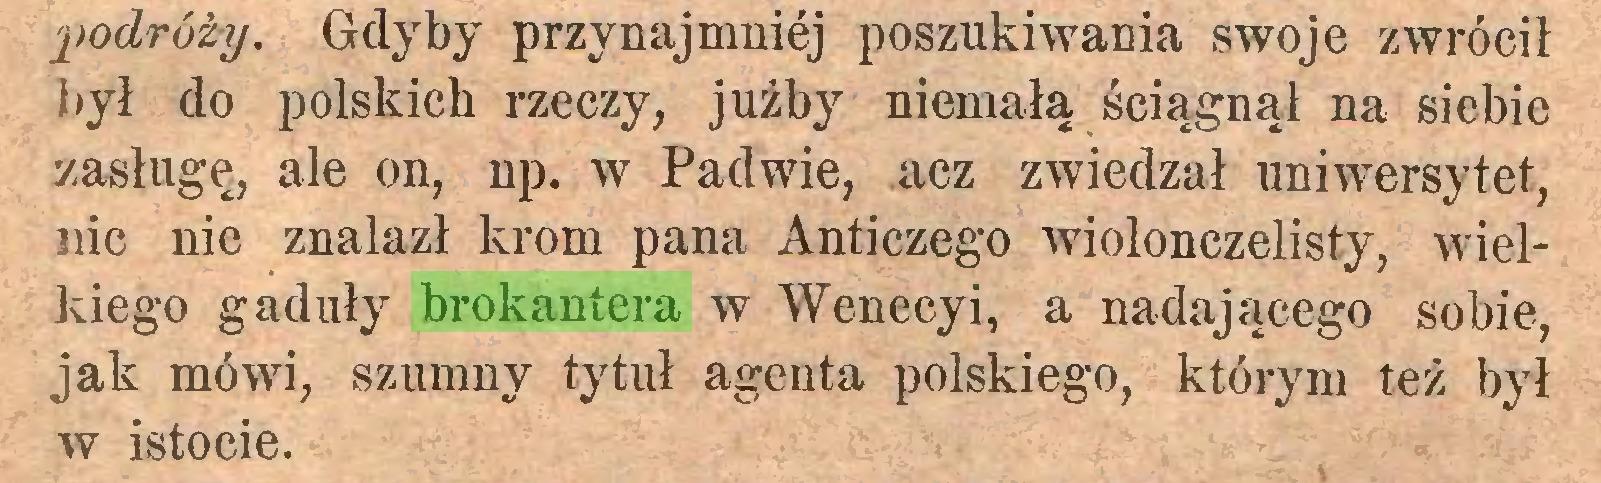 (...) podróży. Gdyby przynajmniej poszukiwania swoje zwrócił był do polskich rzeczy, jużby niemałą ściągnął na siebie zasługę, ale on, np. w Padwie, acz zwiedzał uniwersytet, nic nie znalazł krom pana Anticzego wiolonczelisty, wielkiego gaduły brokantera w Wenecyi, a nadającego sobie, jak mówi, szumny tytuł agenta polskiego, którym też był w istocie...